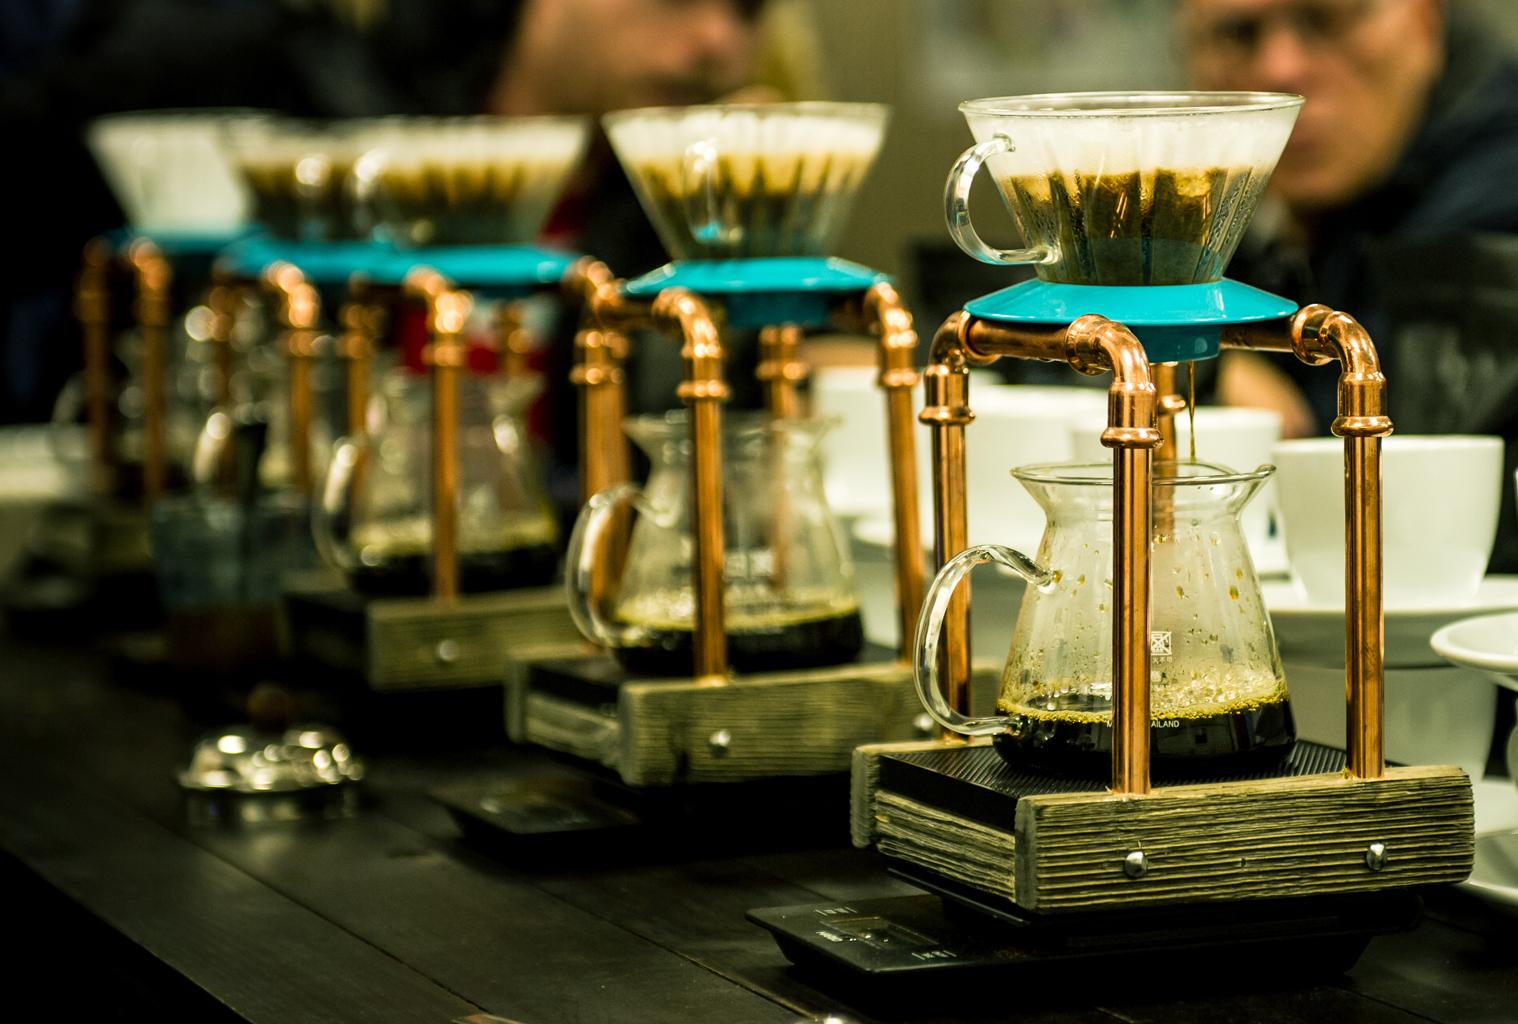 kaffeprovning - Är du intresserad av att lära dig mer om kaffe?Ta med dig en vän och kom på kaffeprovning!